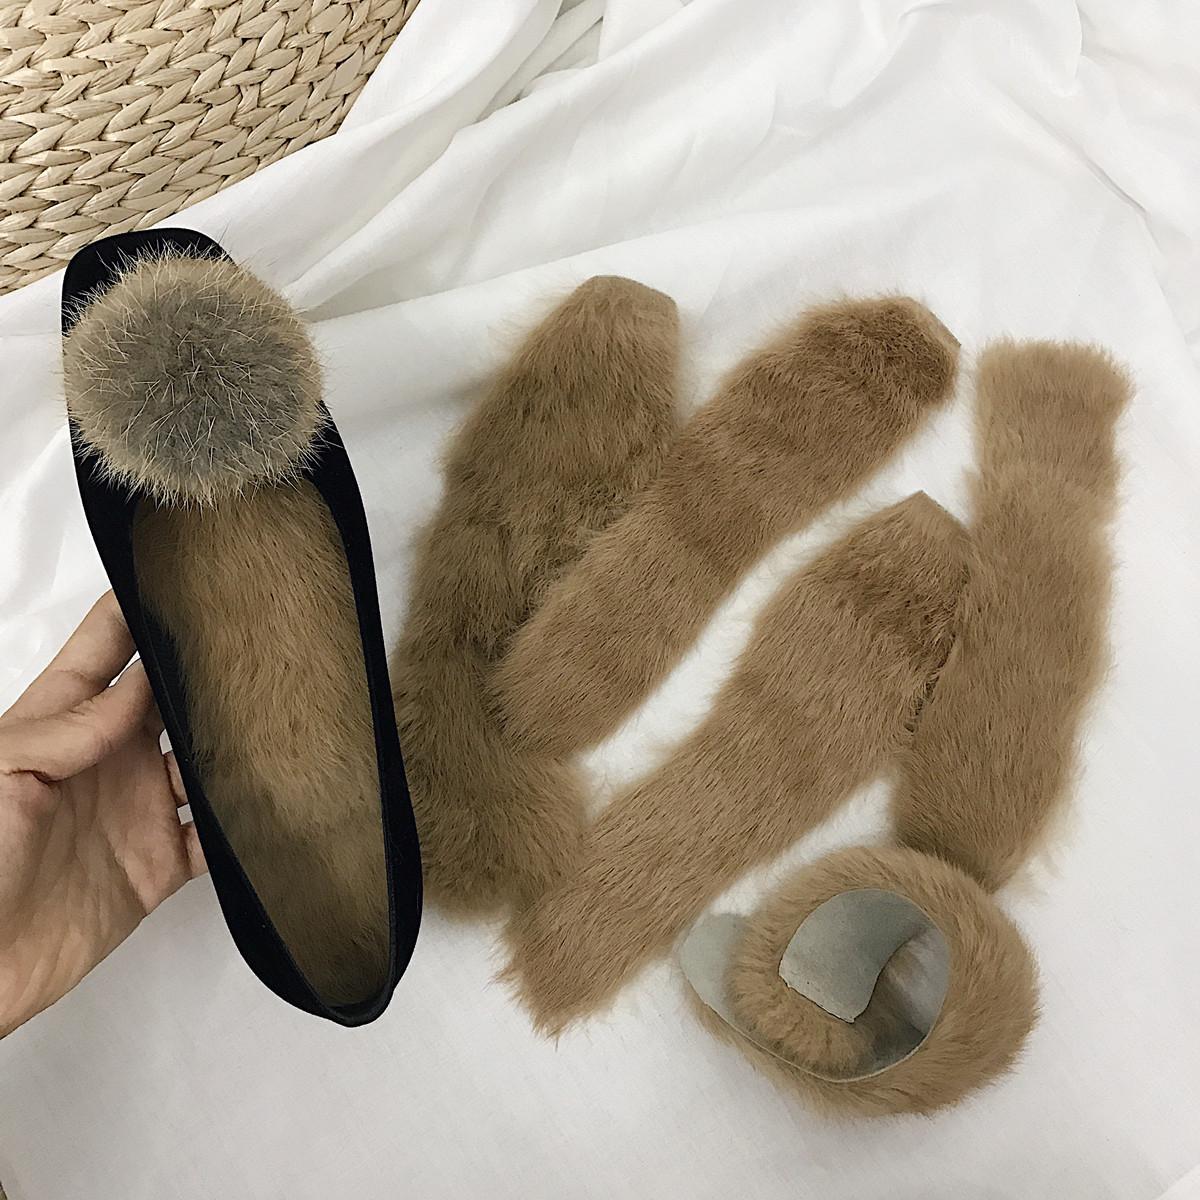 冬季皮毛一体兔毛鞋垫毛毛长毛保暖皮鞋垫单鞋靴子都可以加~